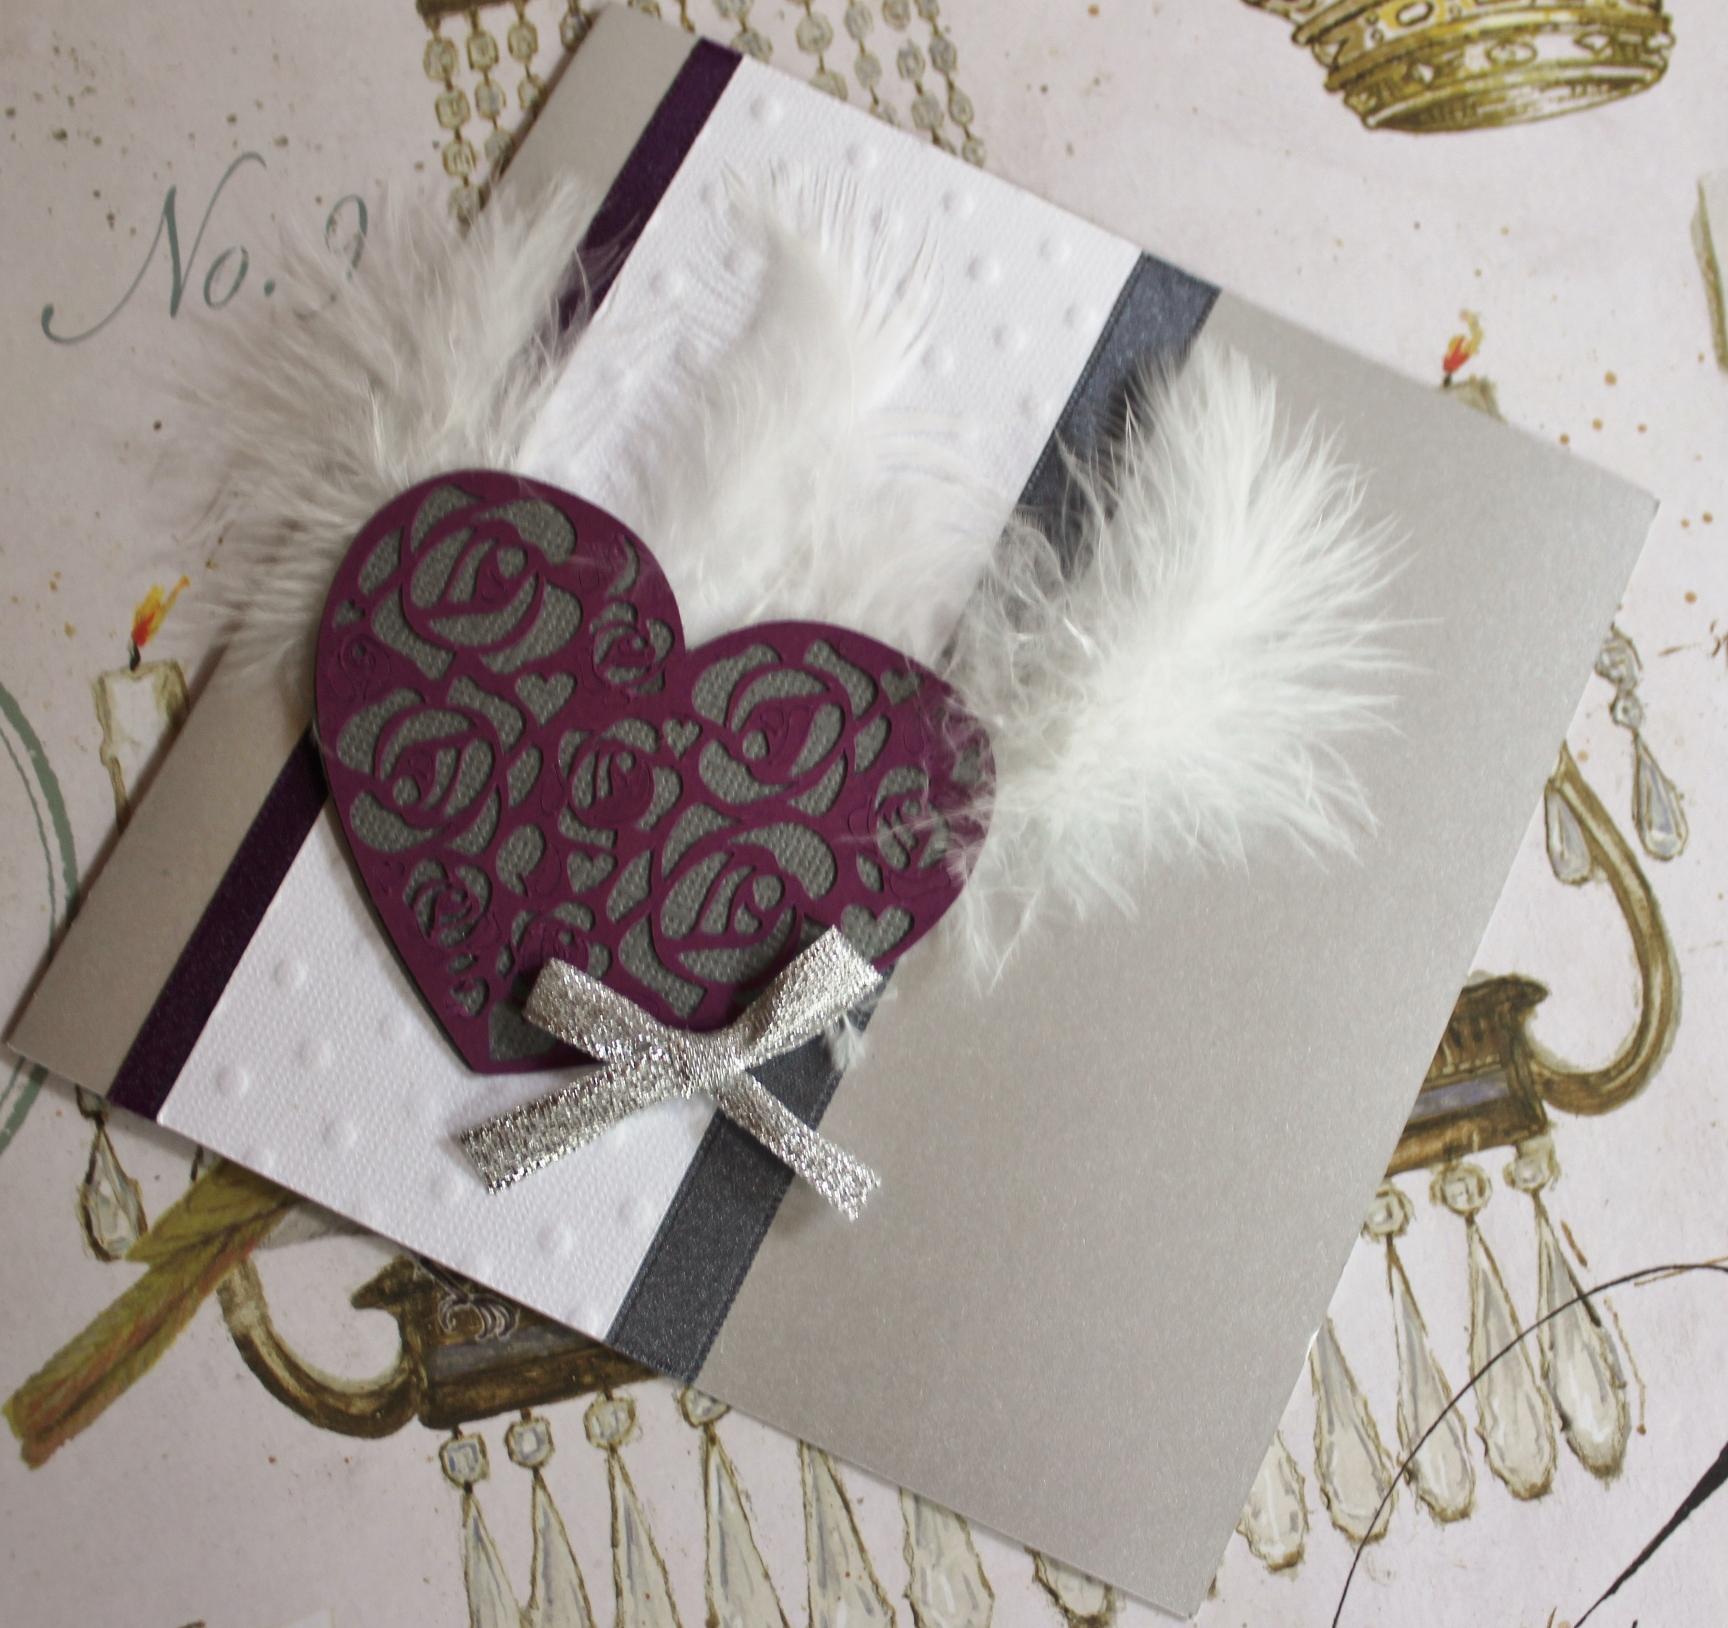 Bien connu faire-part mariage | atelier graines d'idées EH36